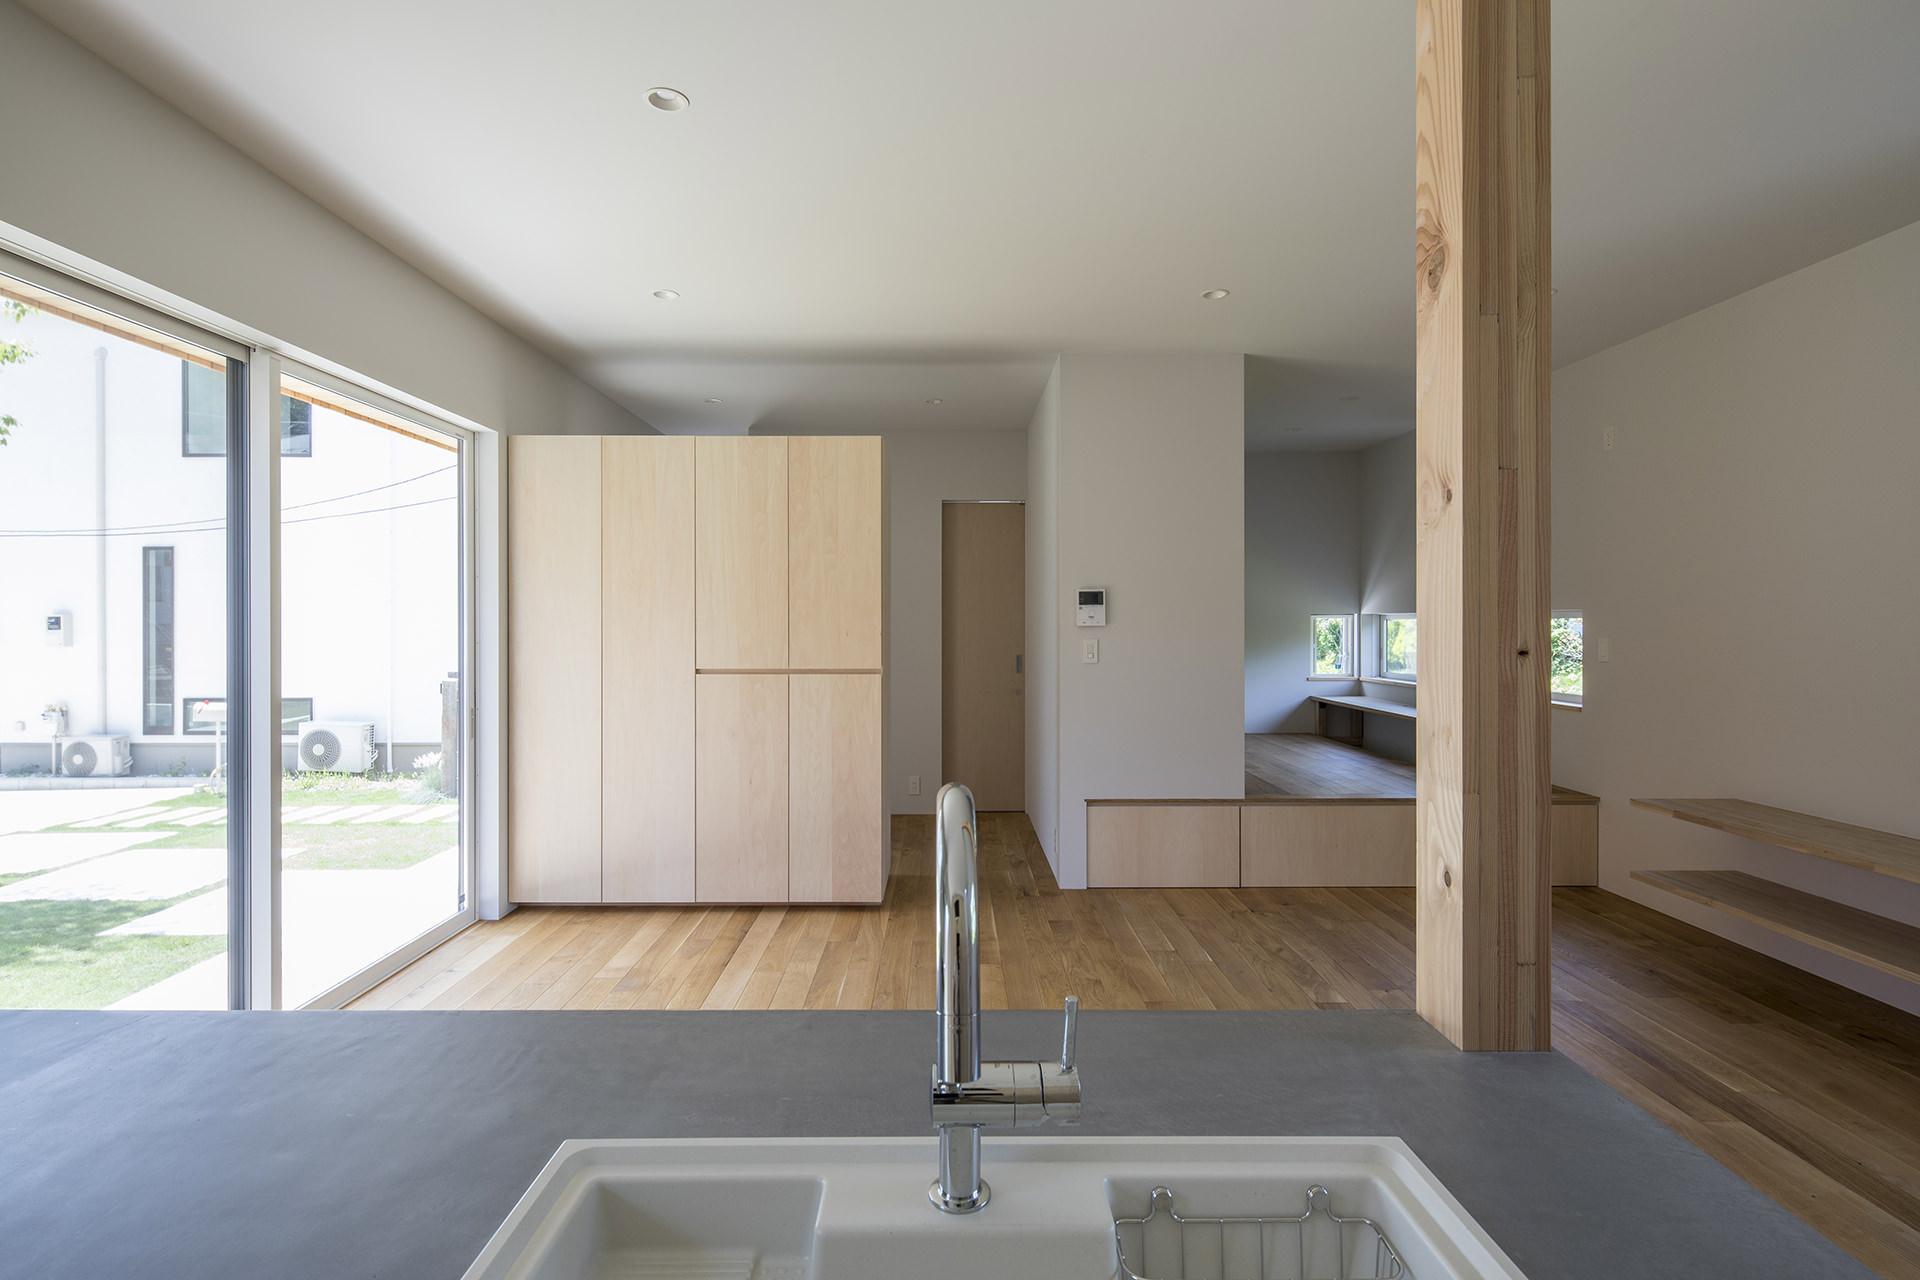 「小屋と畑。余白のある家 」イメージ08 撮影:東涌宏和